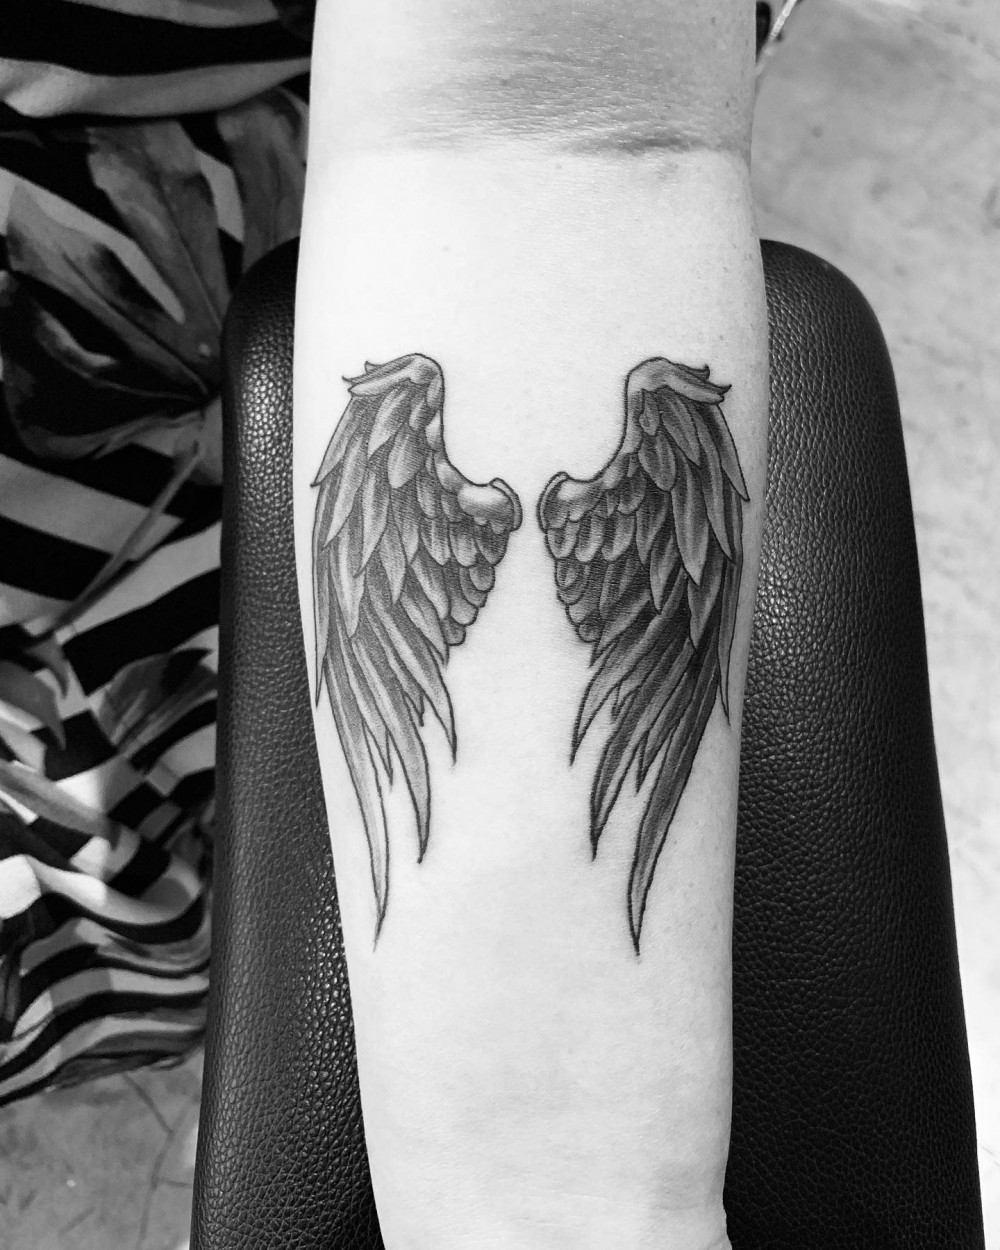 bali-art-angel-wing-tattoo-dewa_astika